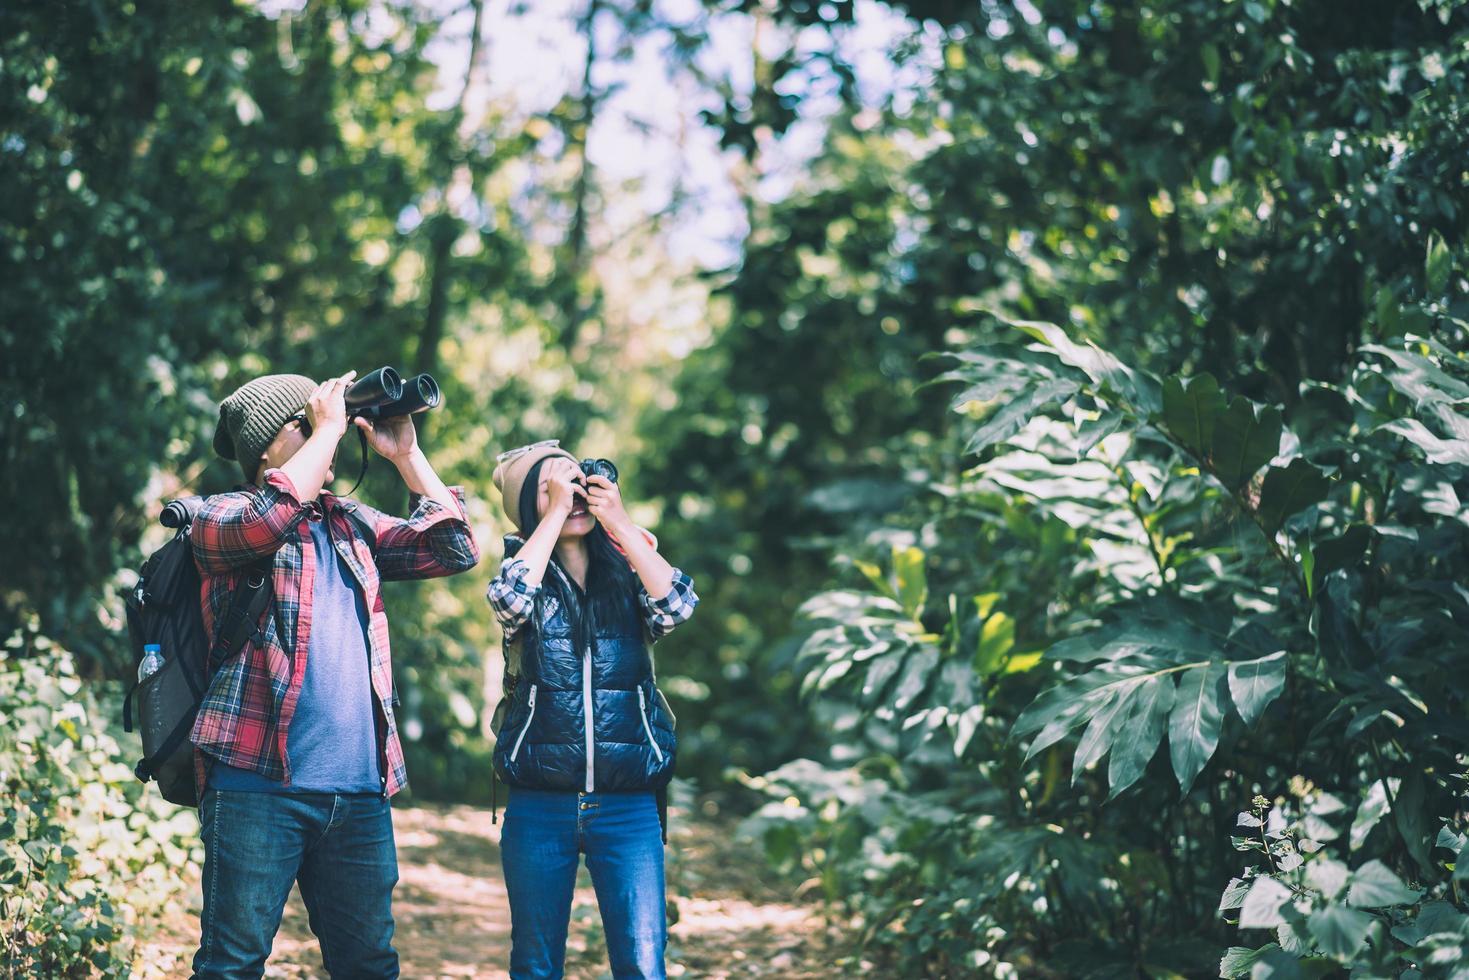 junge Wanderer mit Fernglas im Wald foto